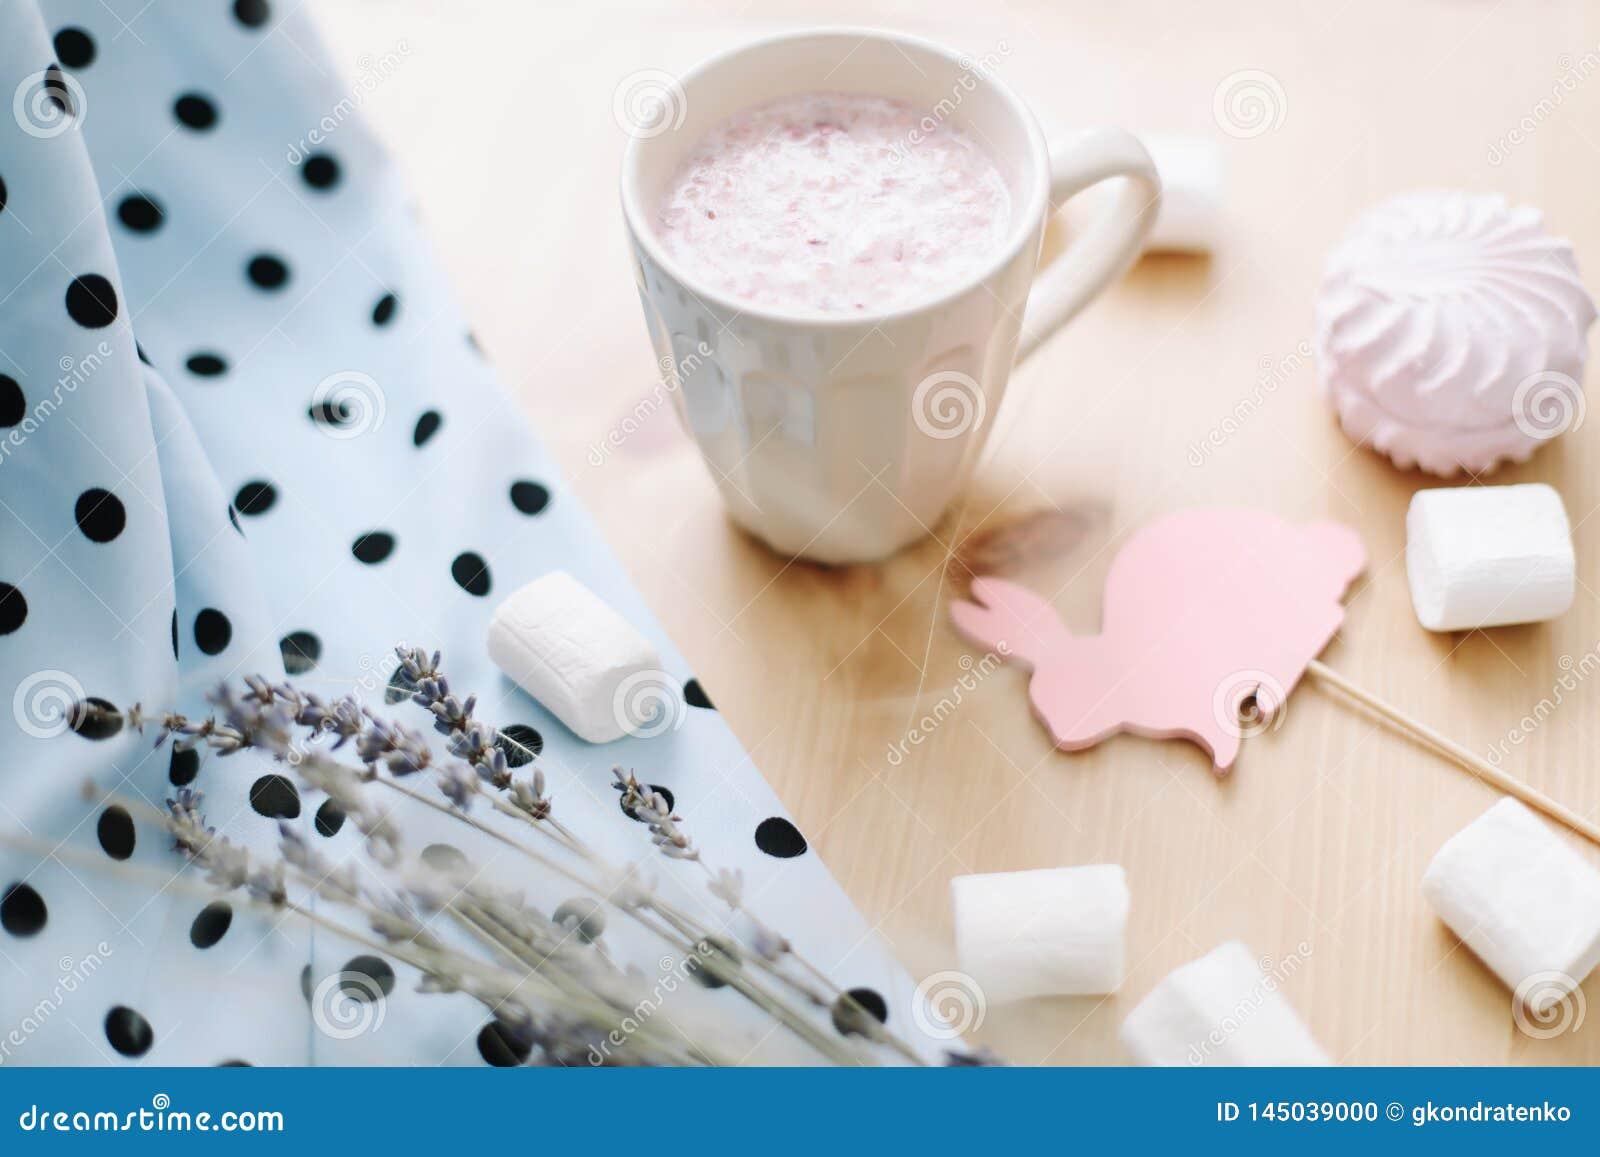 新鲜的草莓圆滑的人或奶昔用蛋白软糖,特写镜头 r flatlay创造性的春天,顶视图